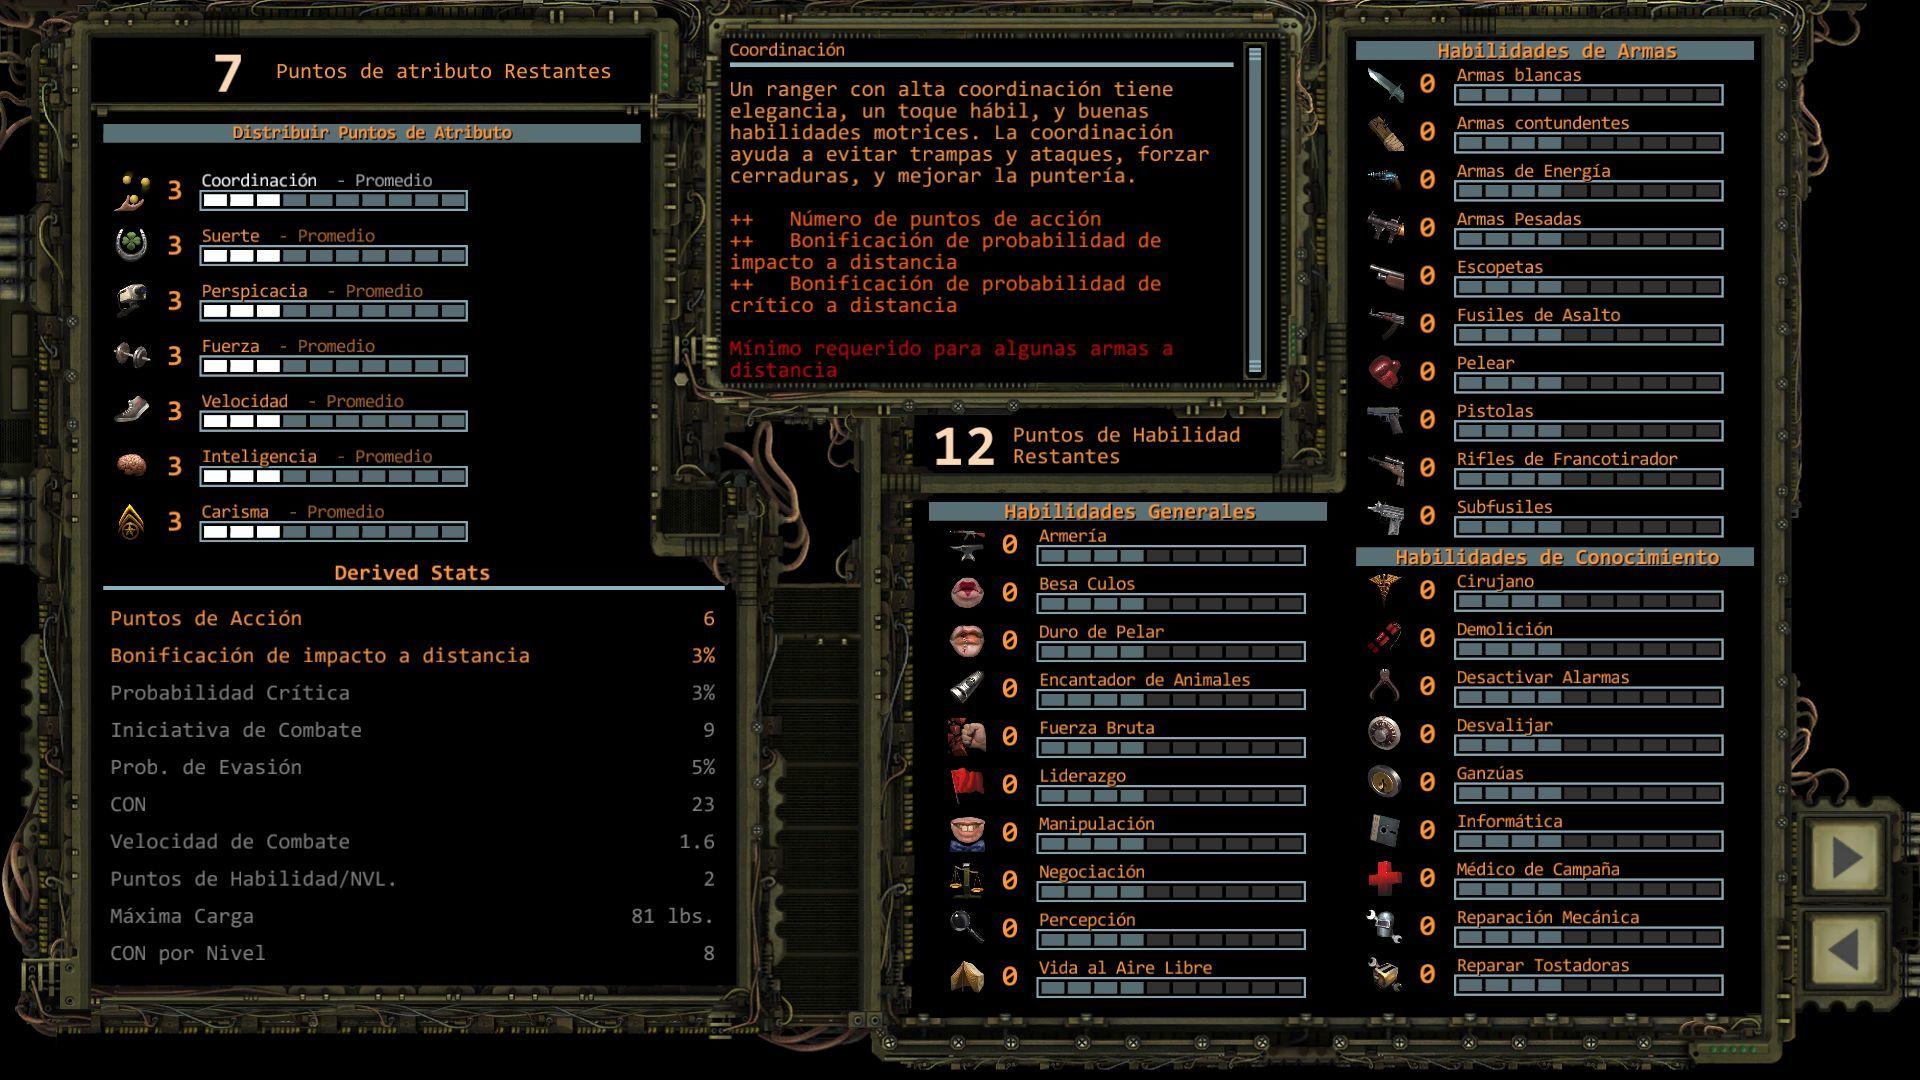 Foto de Distribución de puntos de Atributo en Wasteland 2 (3/11)